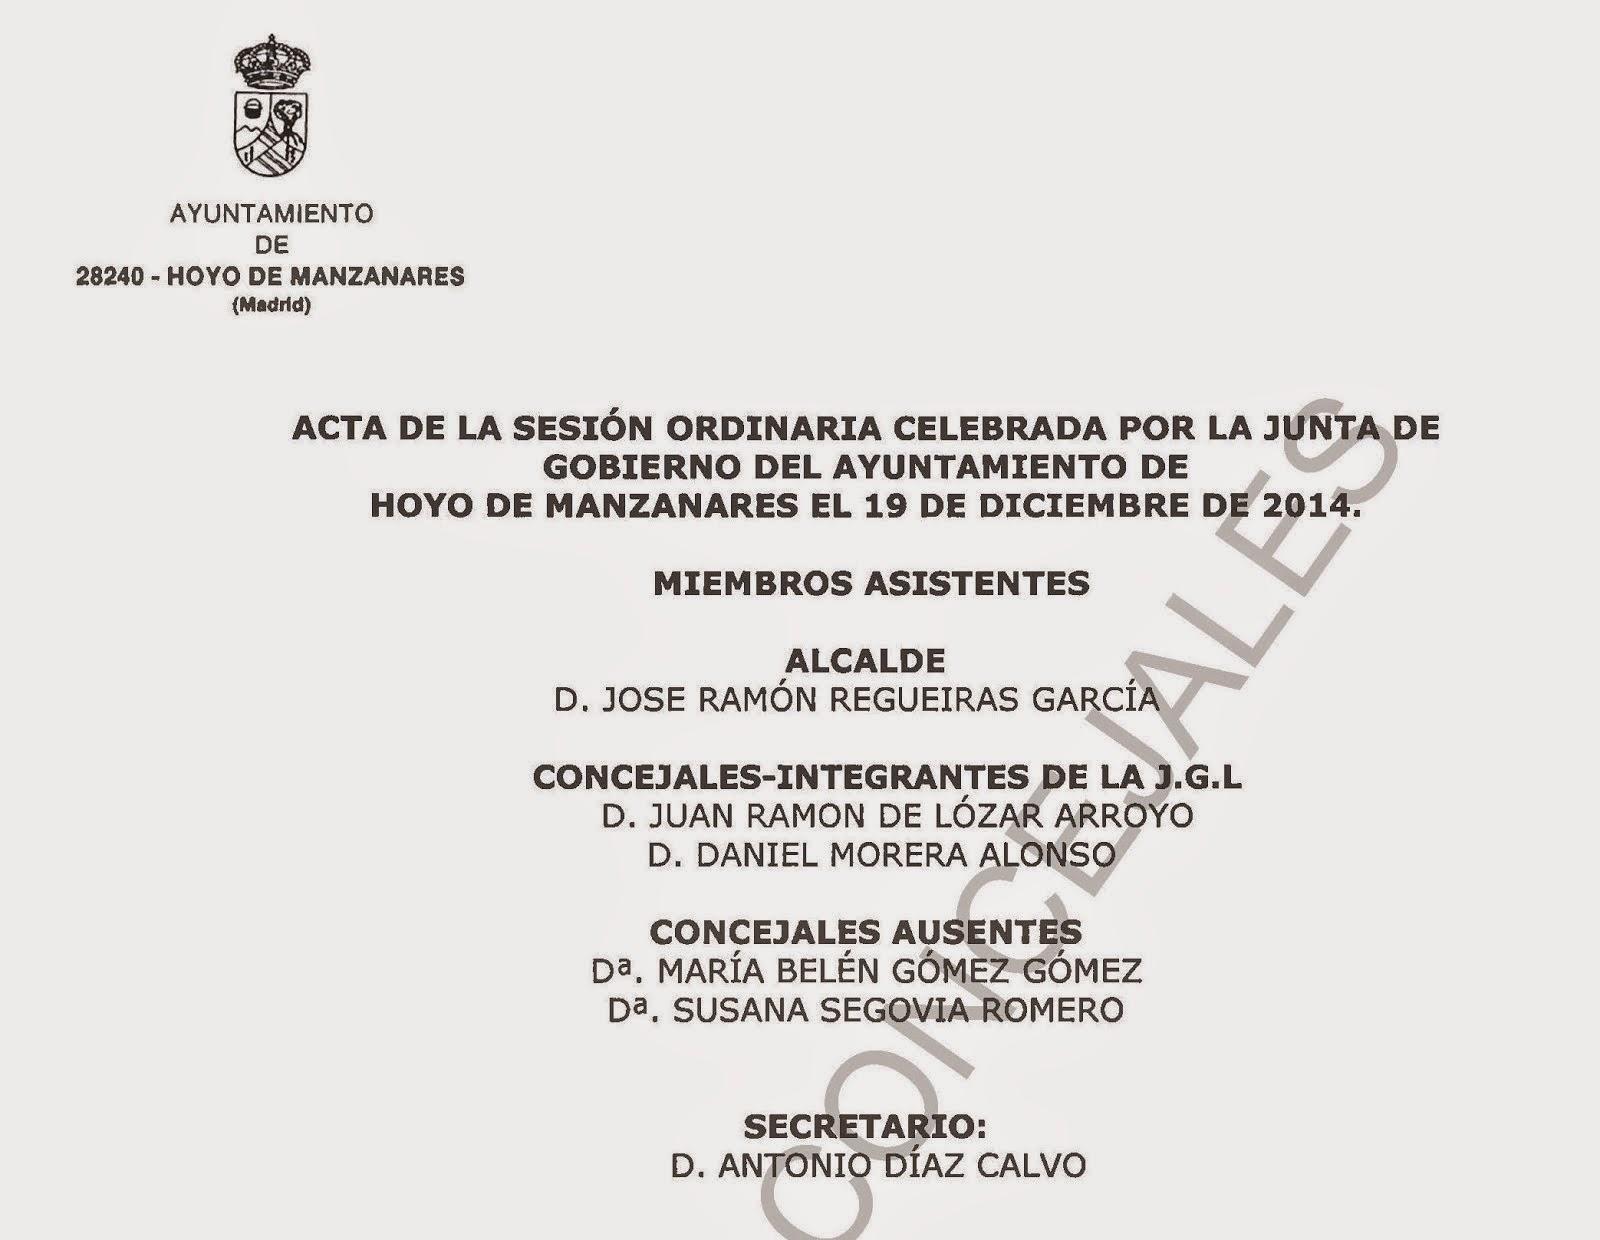 Acta de la Junta de Gobierno Local de Hoyo de Manzanares del 19 de Diciembre de 2014